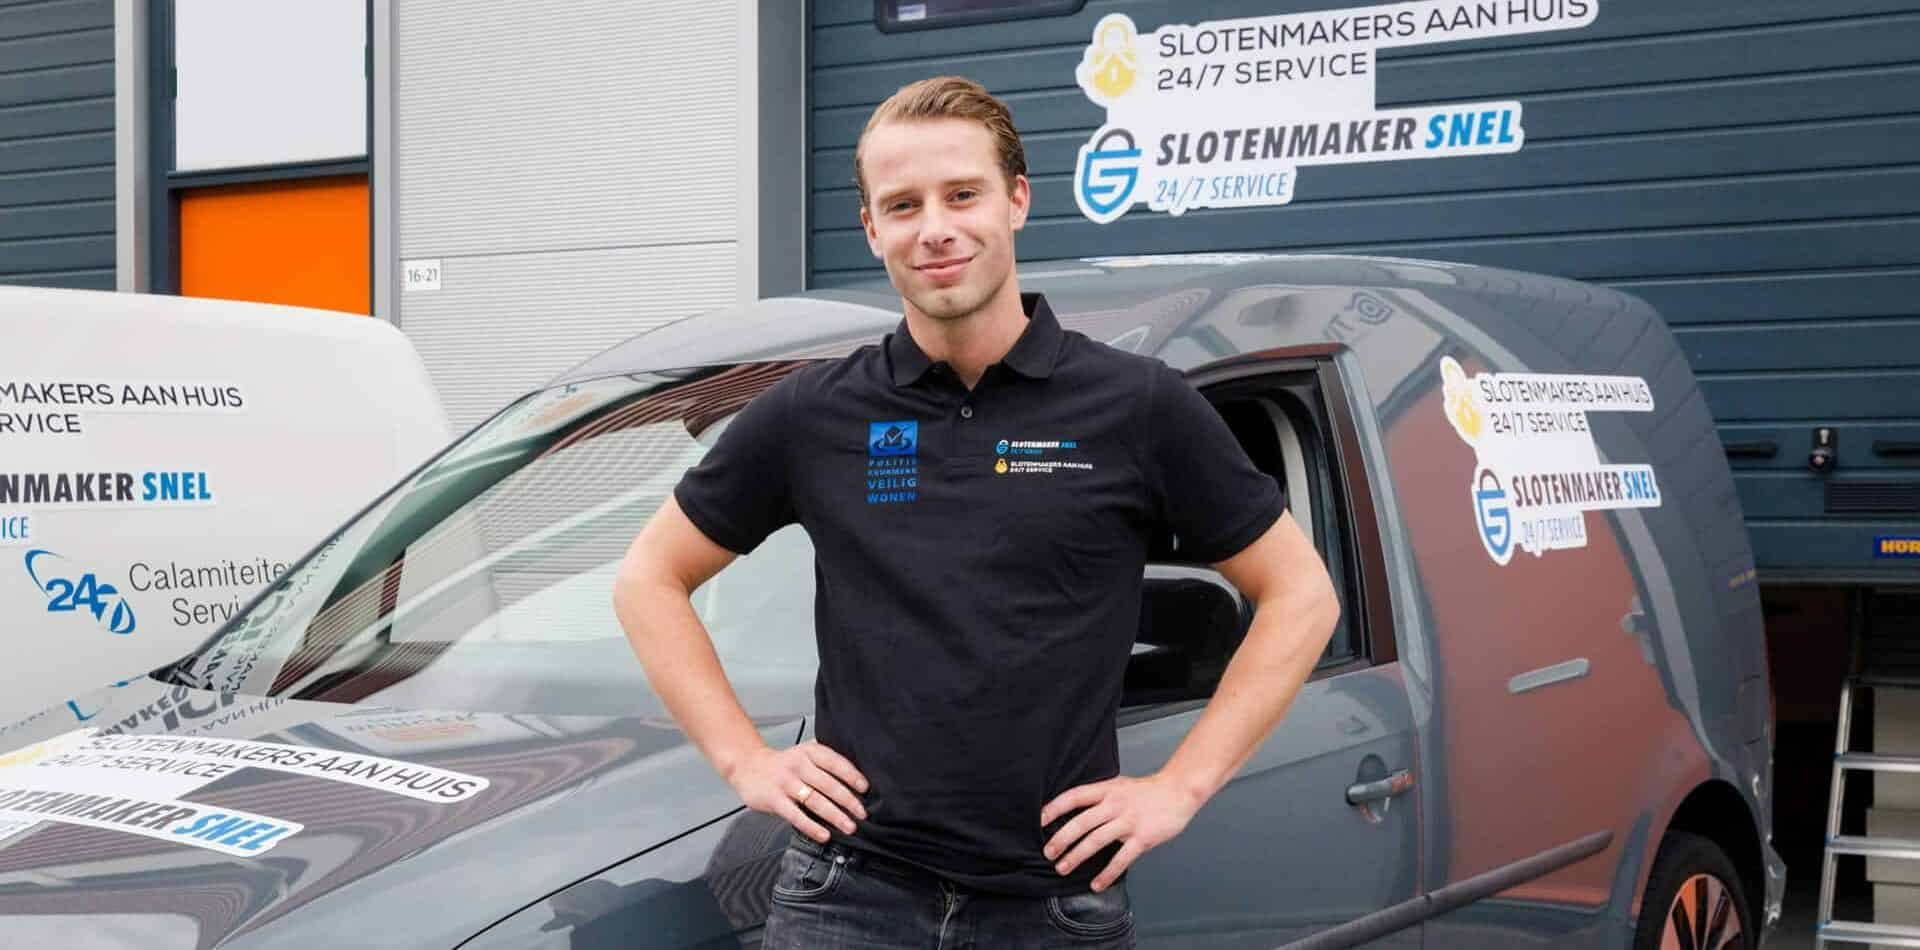 Slotenmaker Boekel